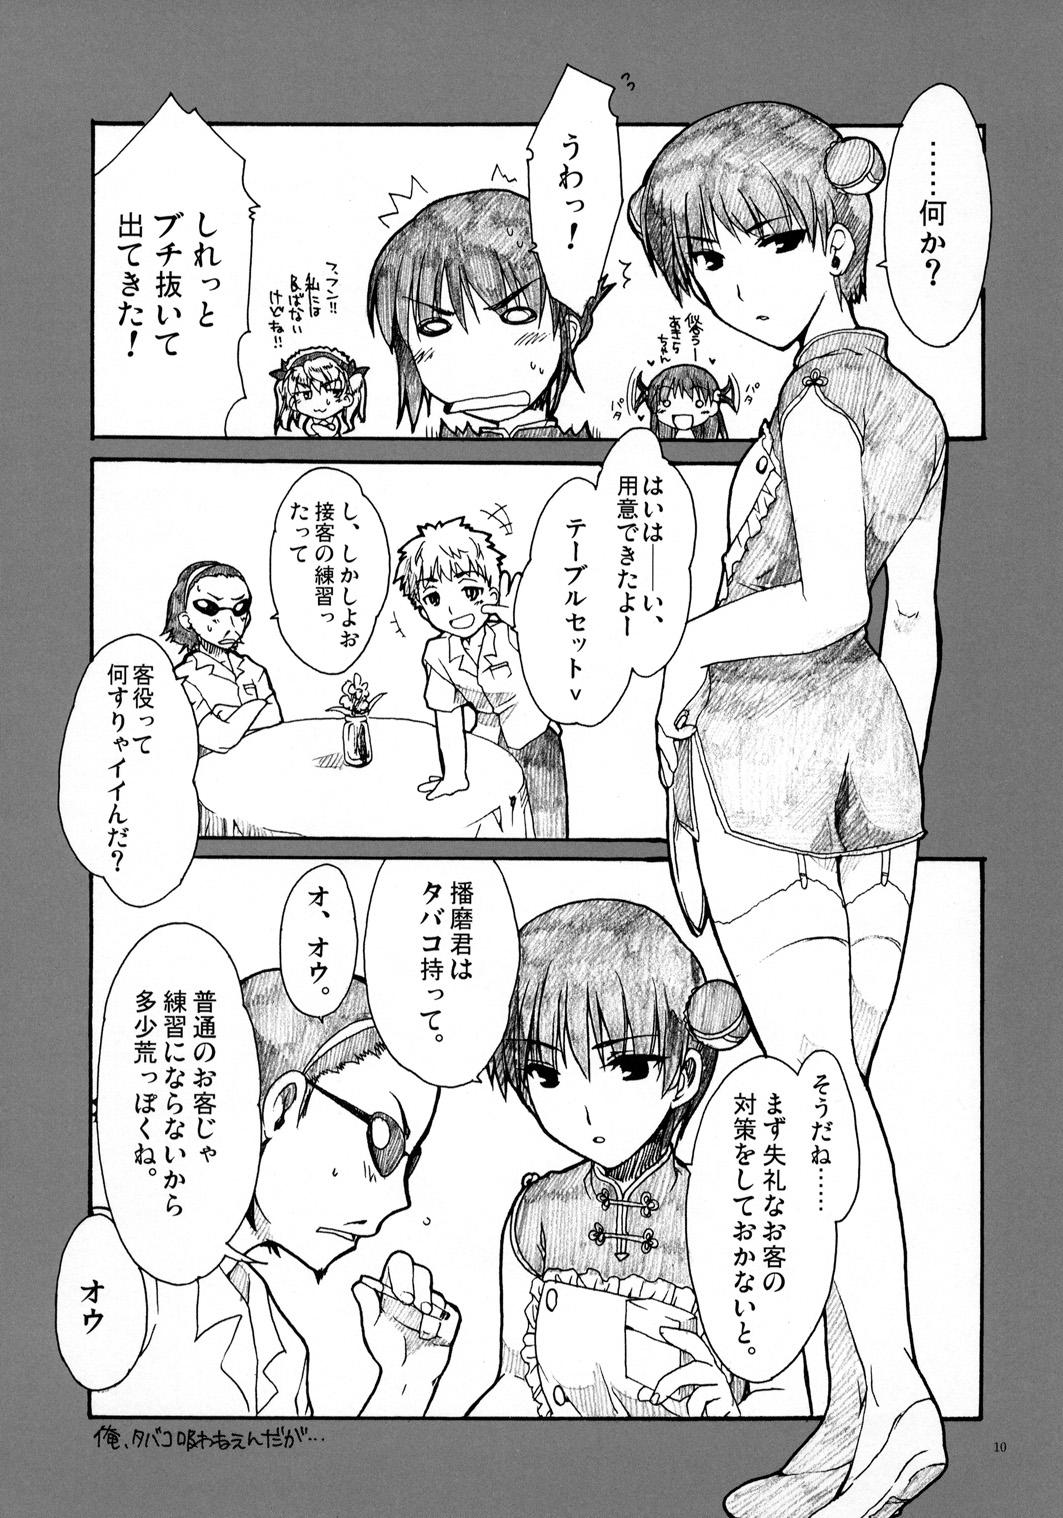 Zenyasai 8